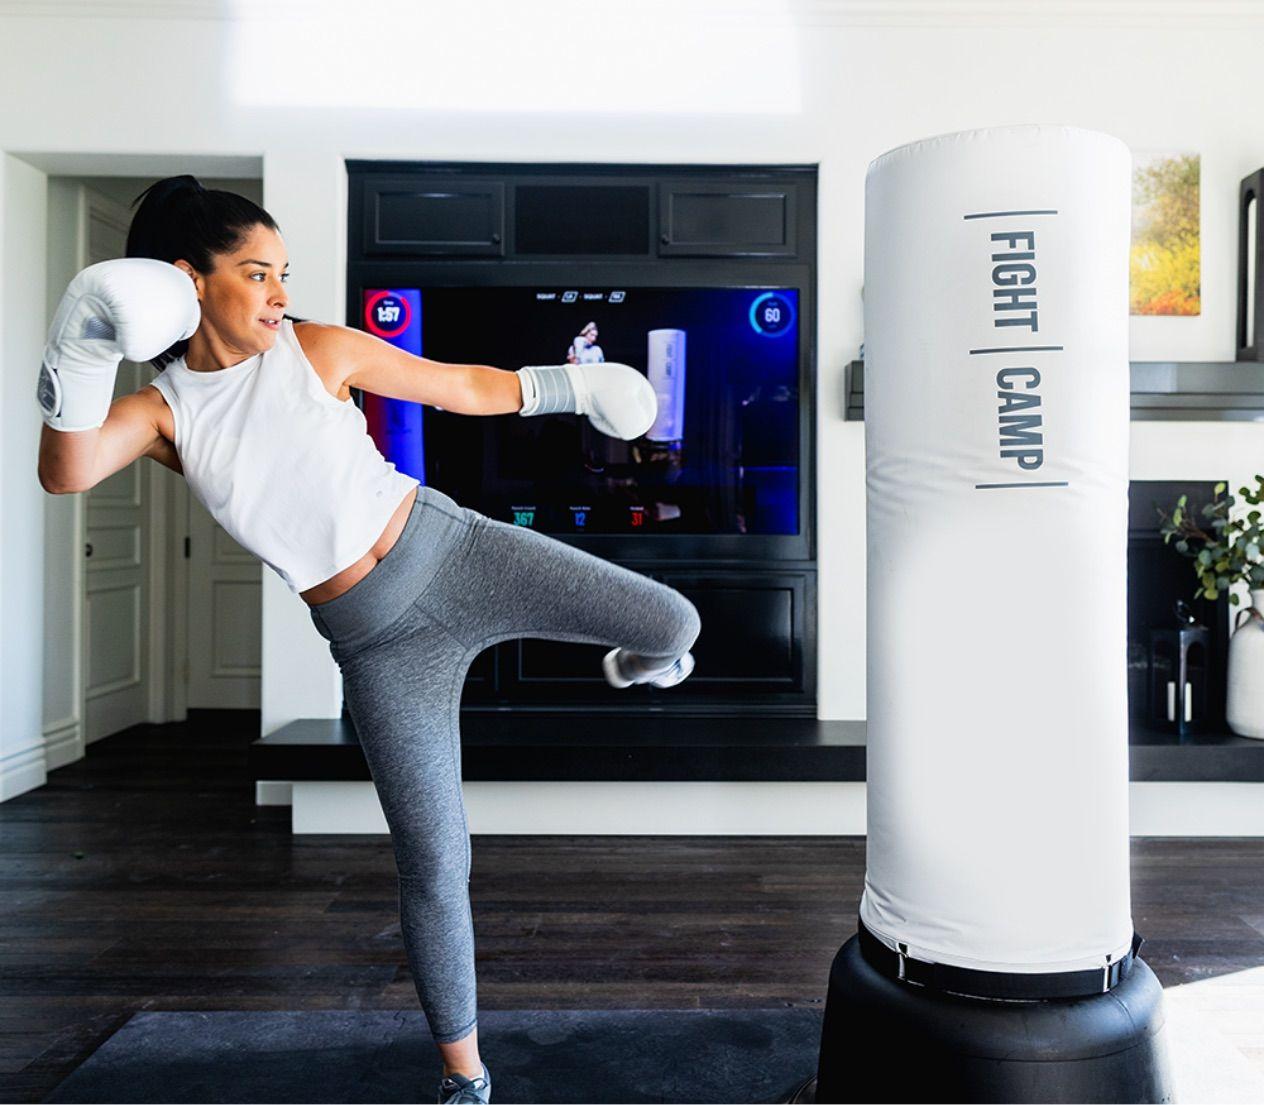 Woman kicking free standing punching bag